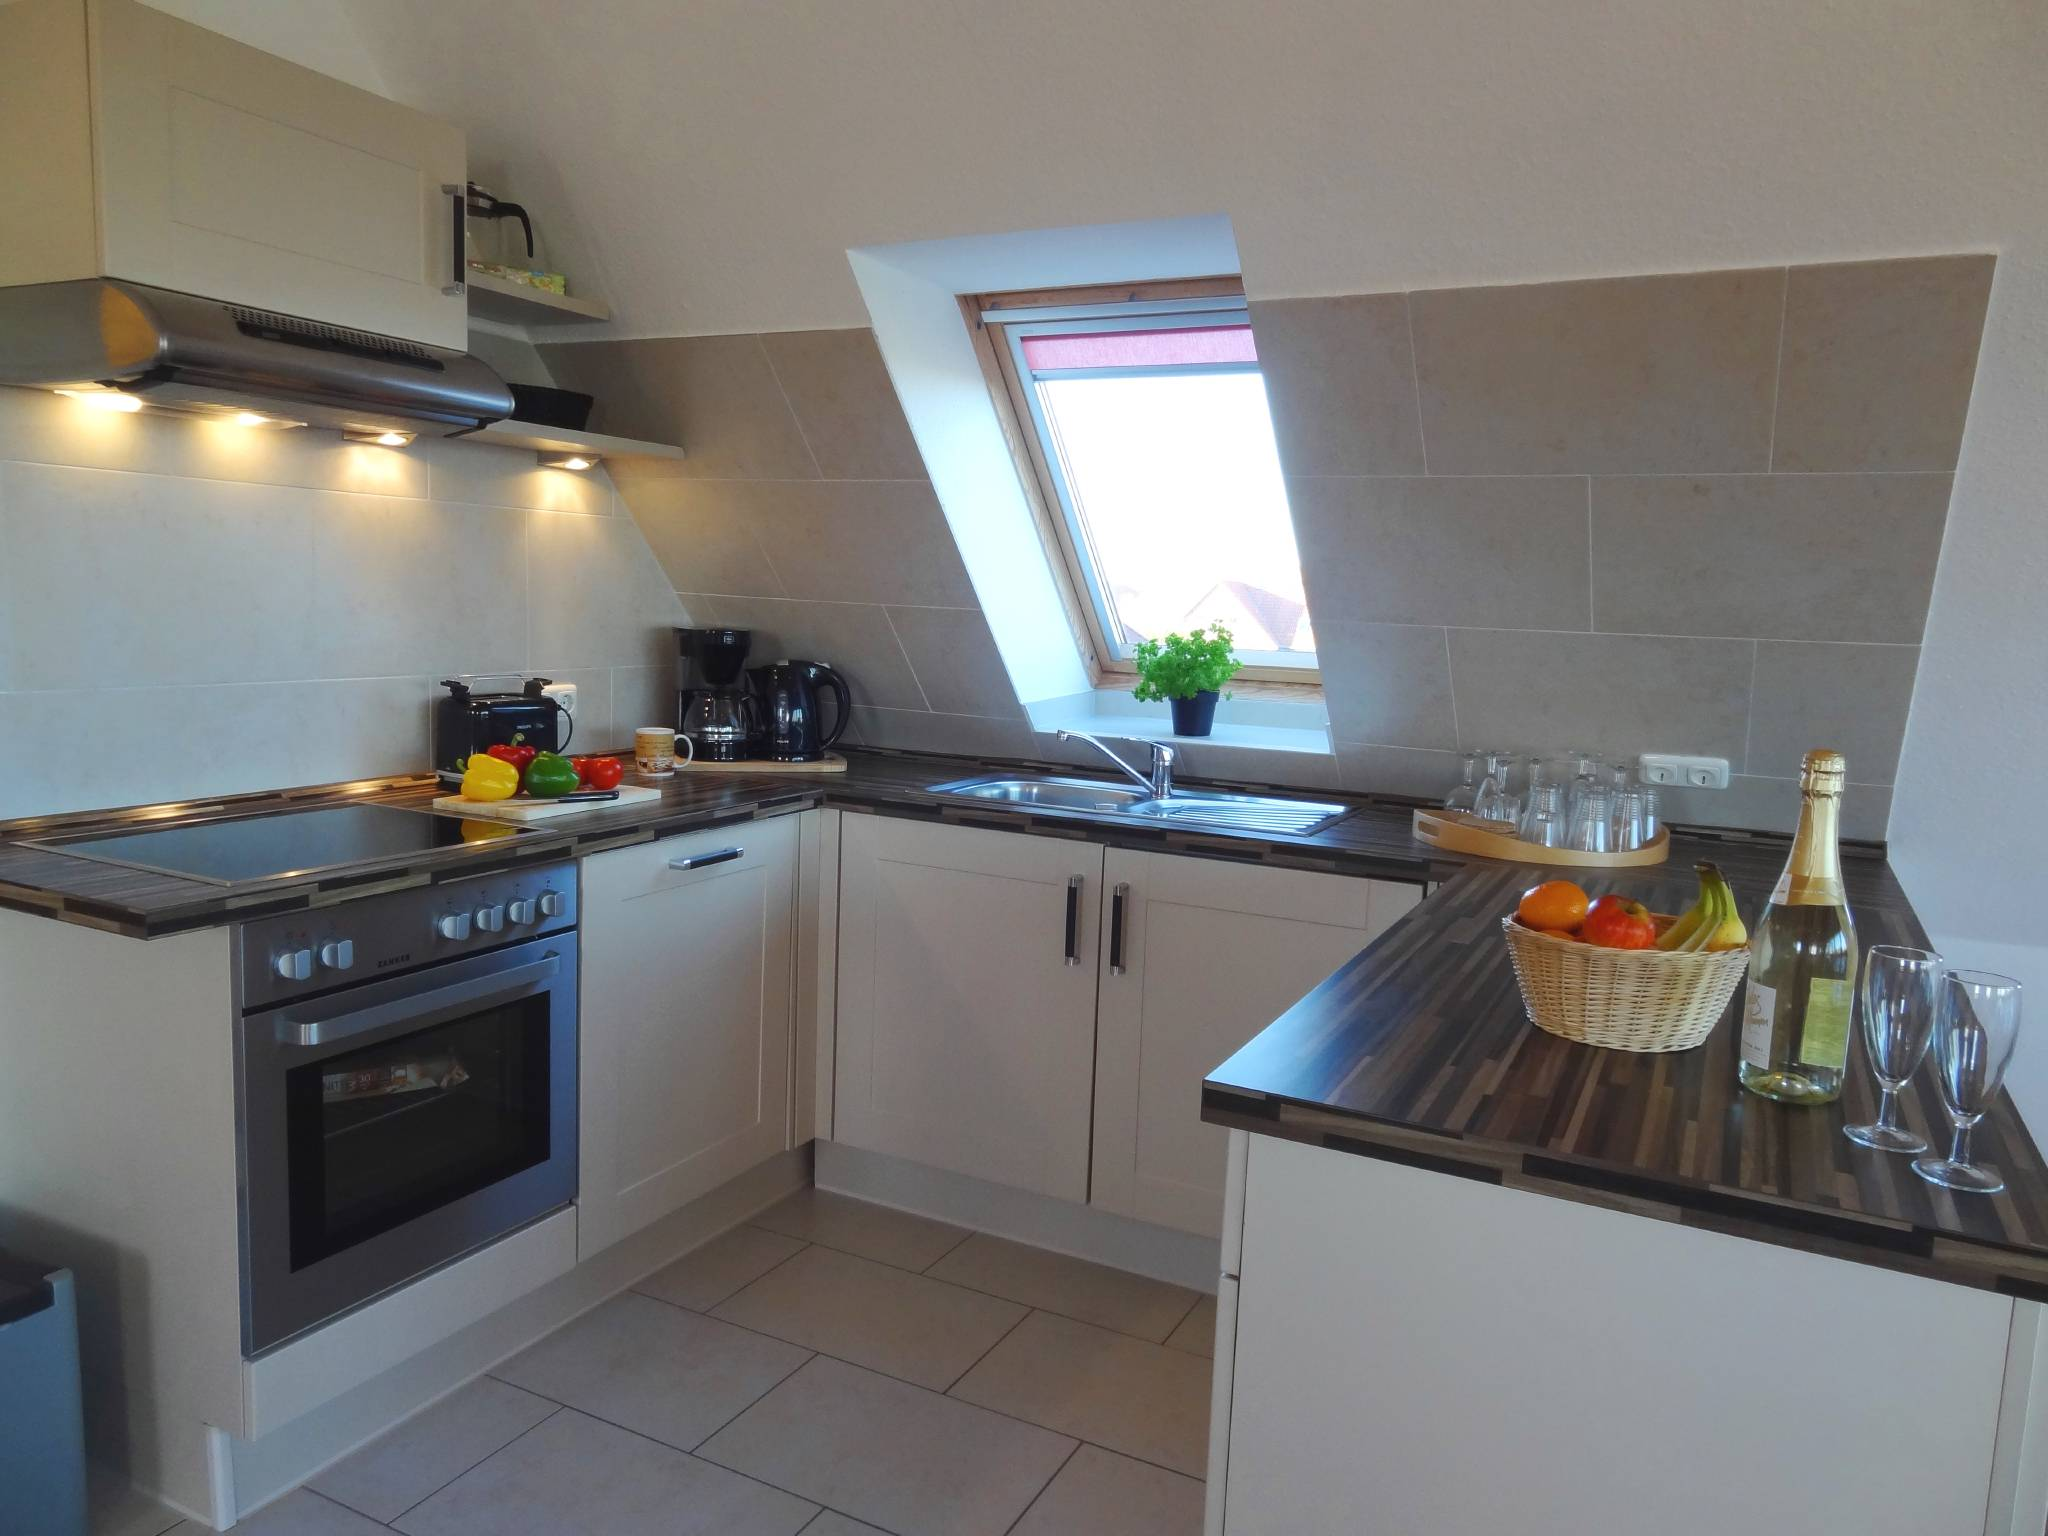 Küchen- und Essbereich